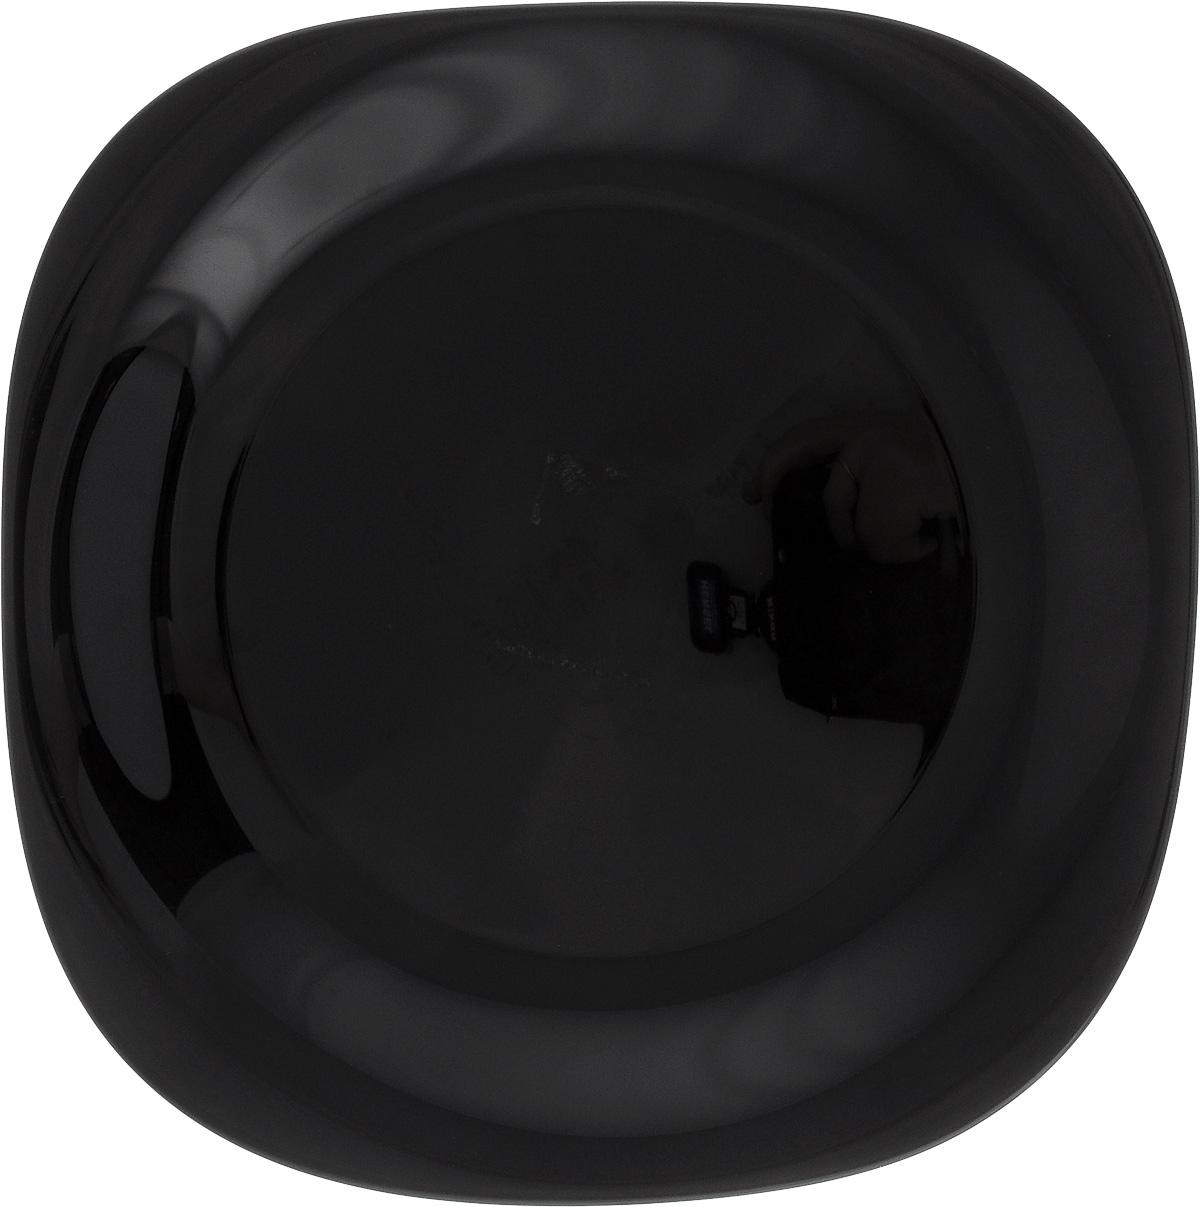 Тарелка обеденная Luminarc Carine Black, 26 х 26 смFS-91909Обеденная тарелка Luminarc Carine Black, изготовленная из высококачественного стекла, имеет изысканный внешний вид. Яркий дизайн придется по вкусу и ценителям классики, и тем, кто предпочитает утонченность. Тарелка Luminarc Carine Black идеально подойдет для сервировки вторых блюд из птицы, рыбы, мяса или овощей, а также станет отличным подарком к любому празднику.Размер тарелки (по верхнему краю): 26 х 26 см.